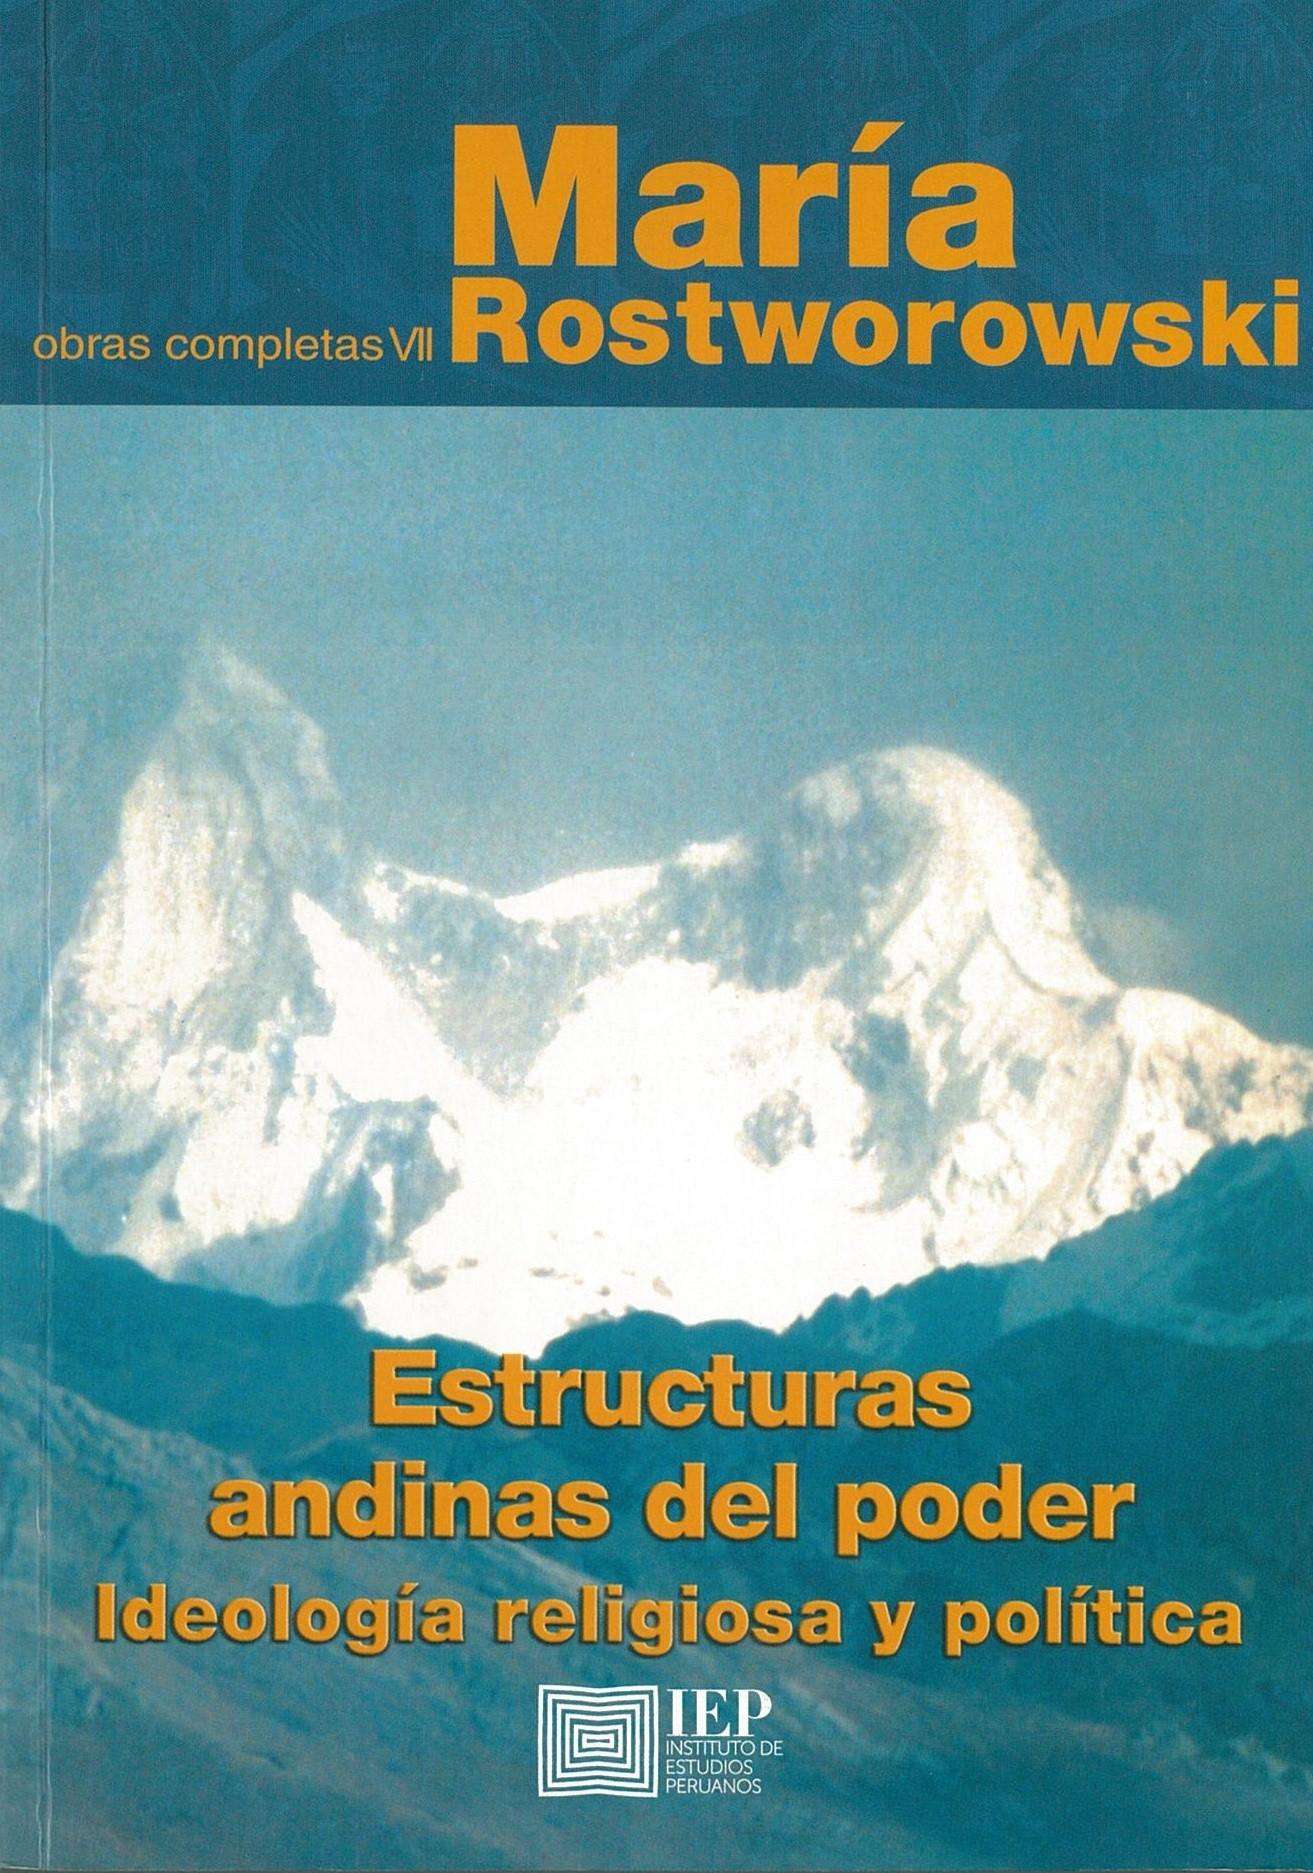 Estructuras andinas del poder